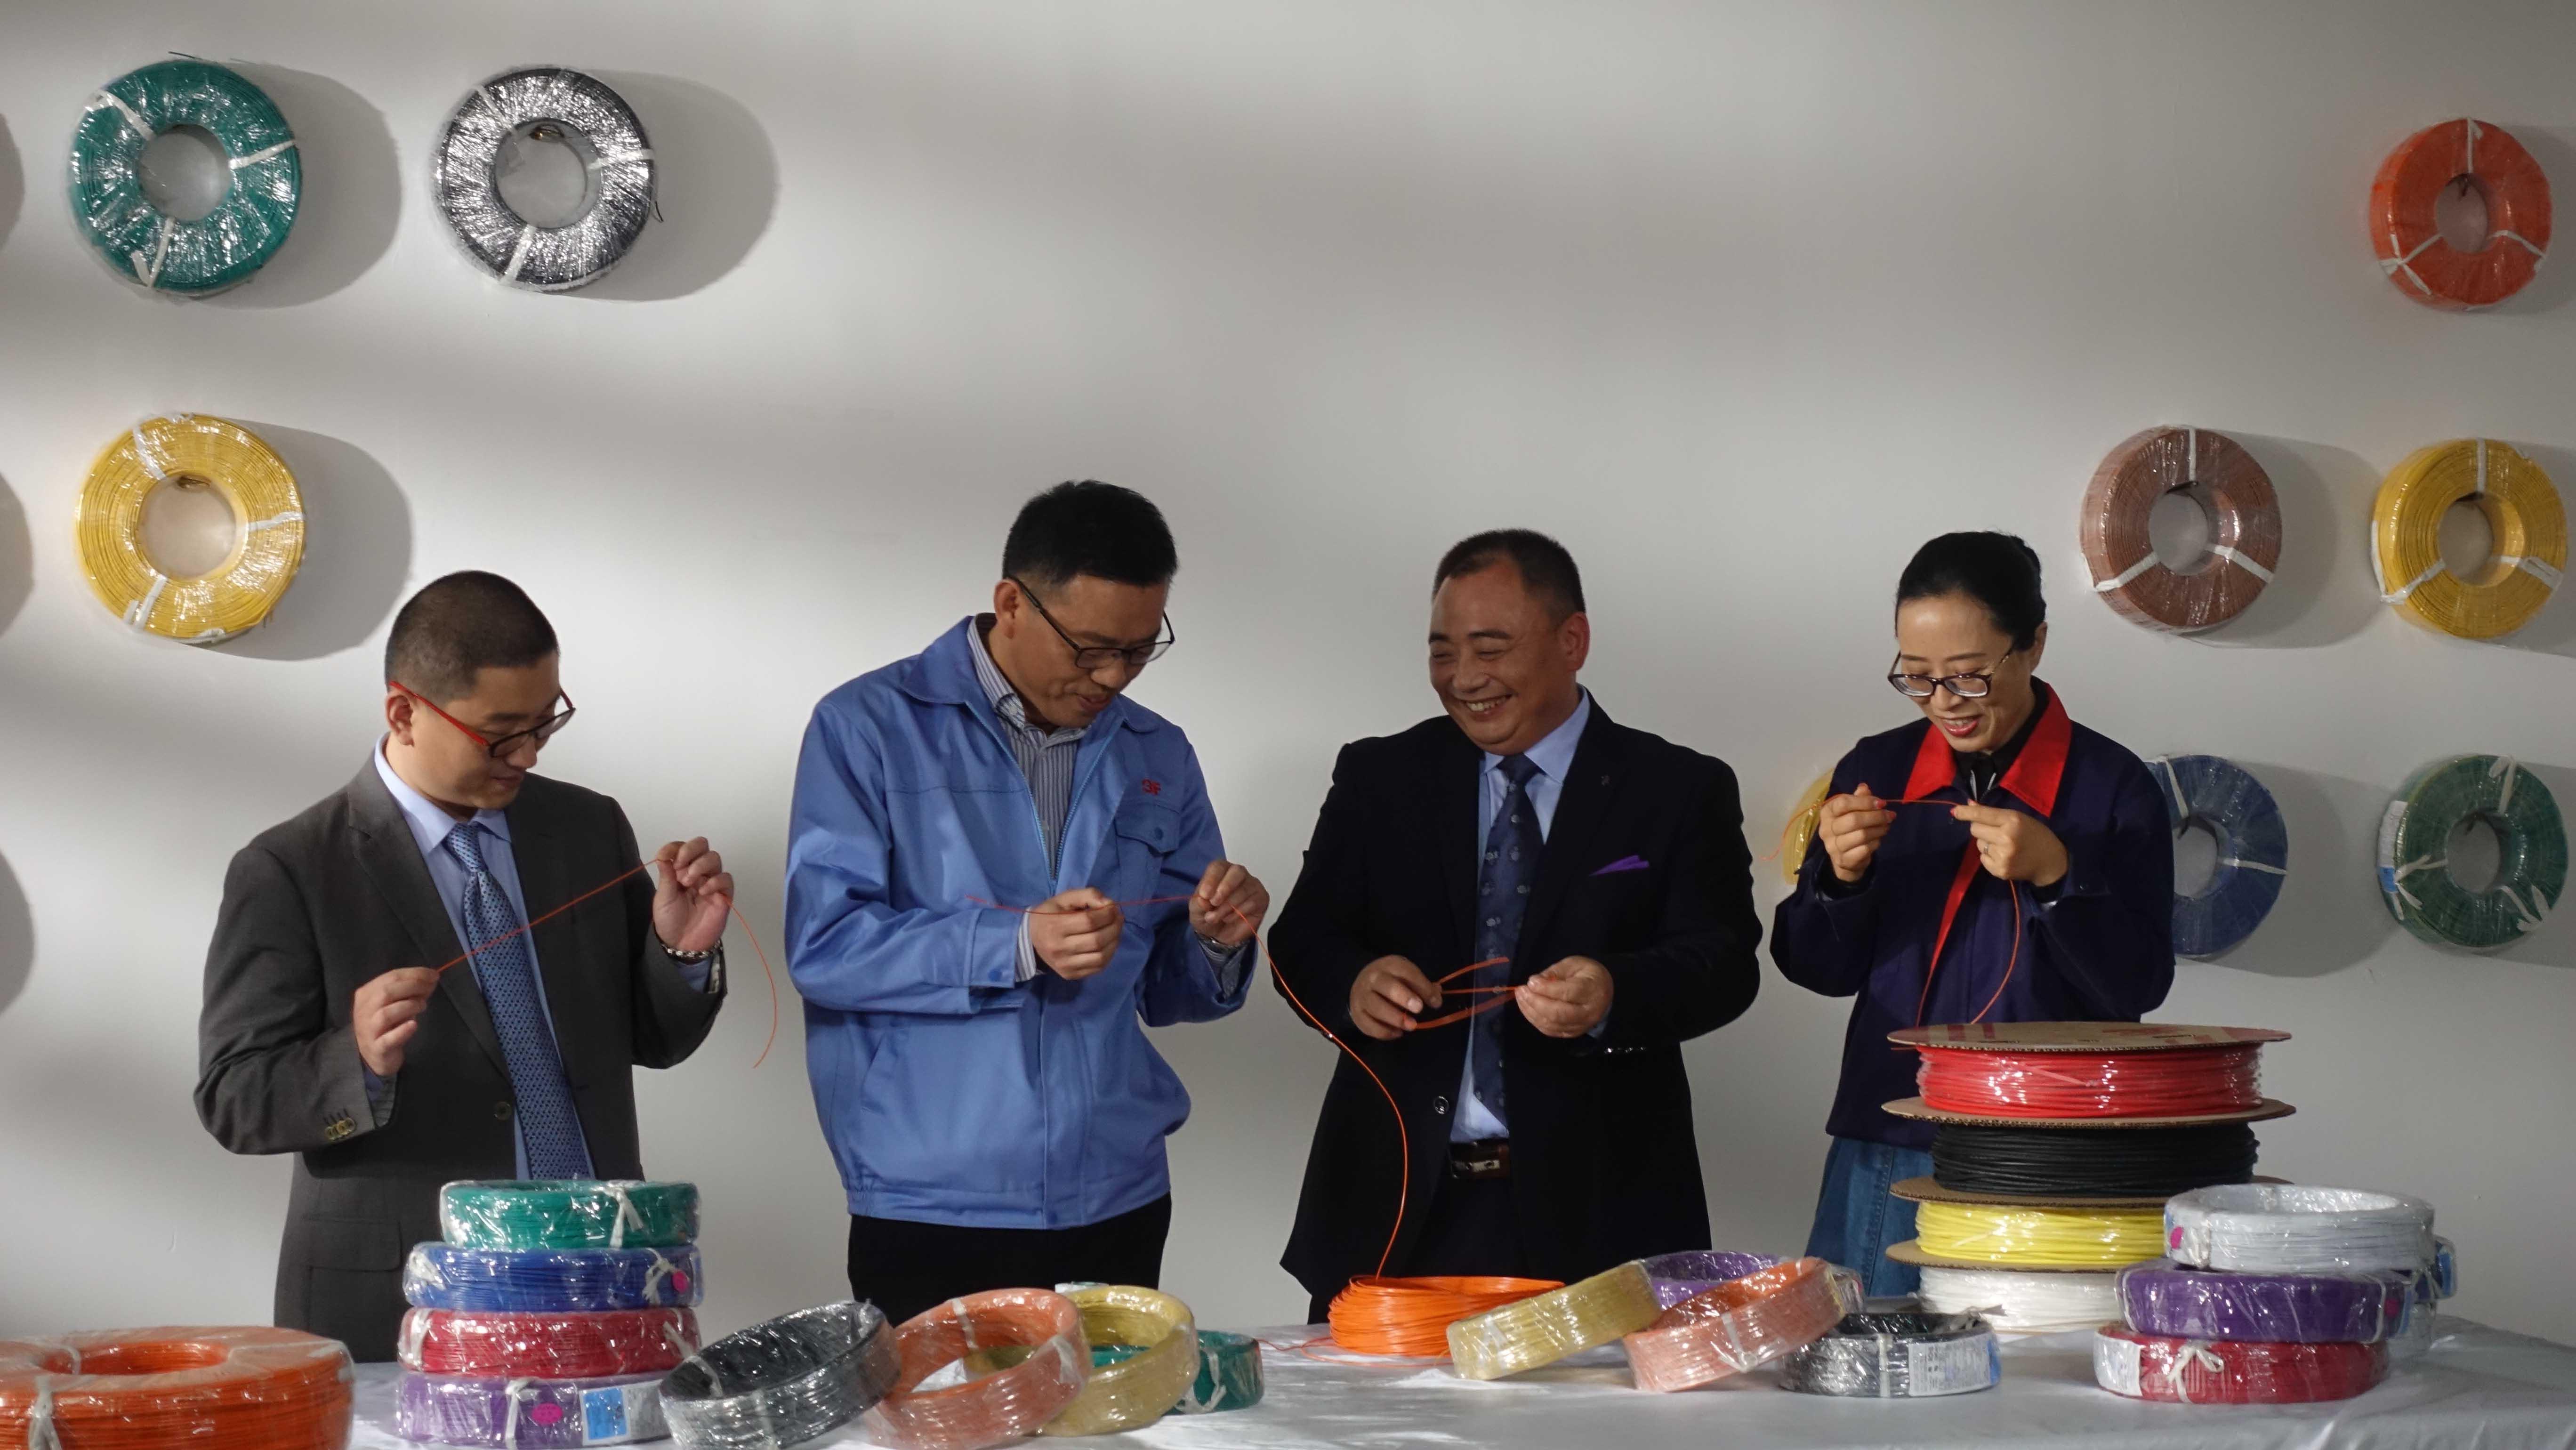 2008年北京奥运会主火炬点火用线的研发和生产制造   取得ISO/TS16949及QC080000国际管理体系认证。